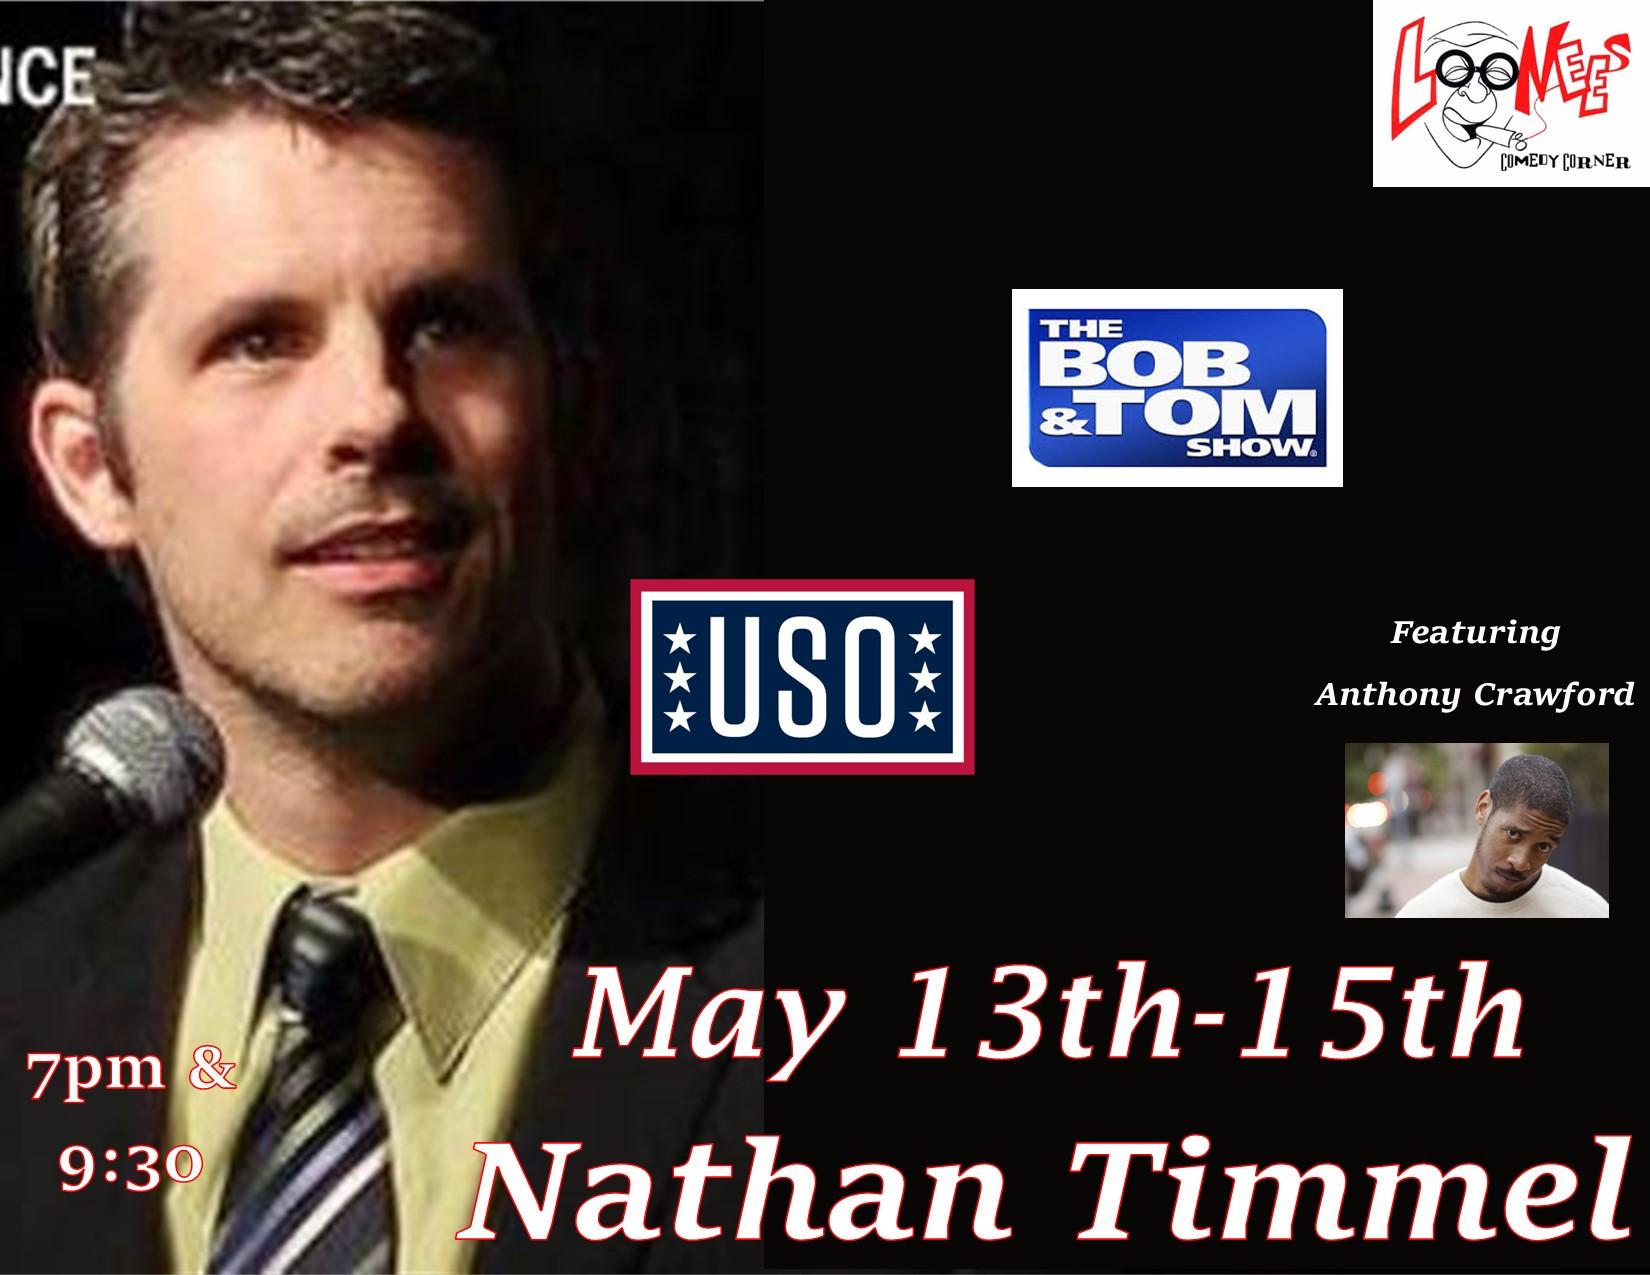 Nathan Timmel